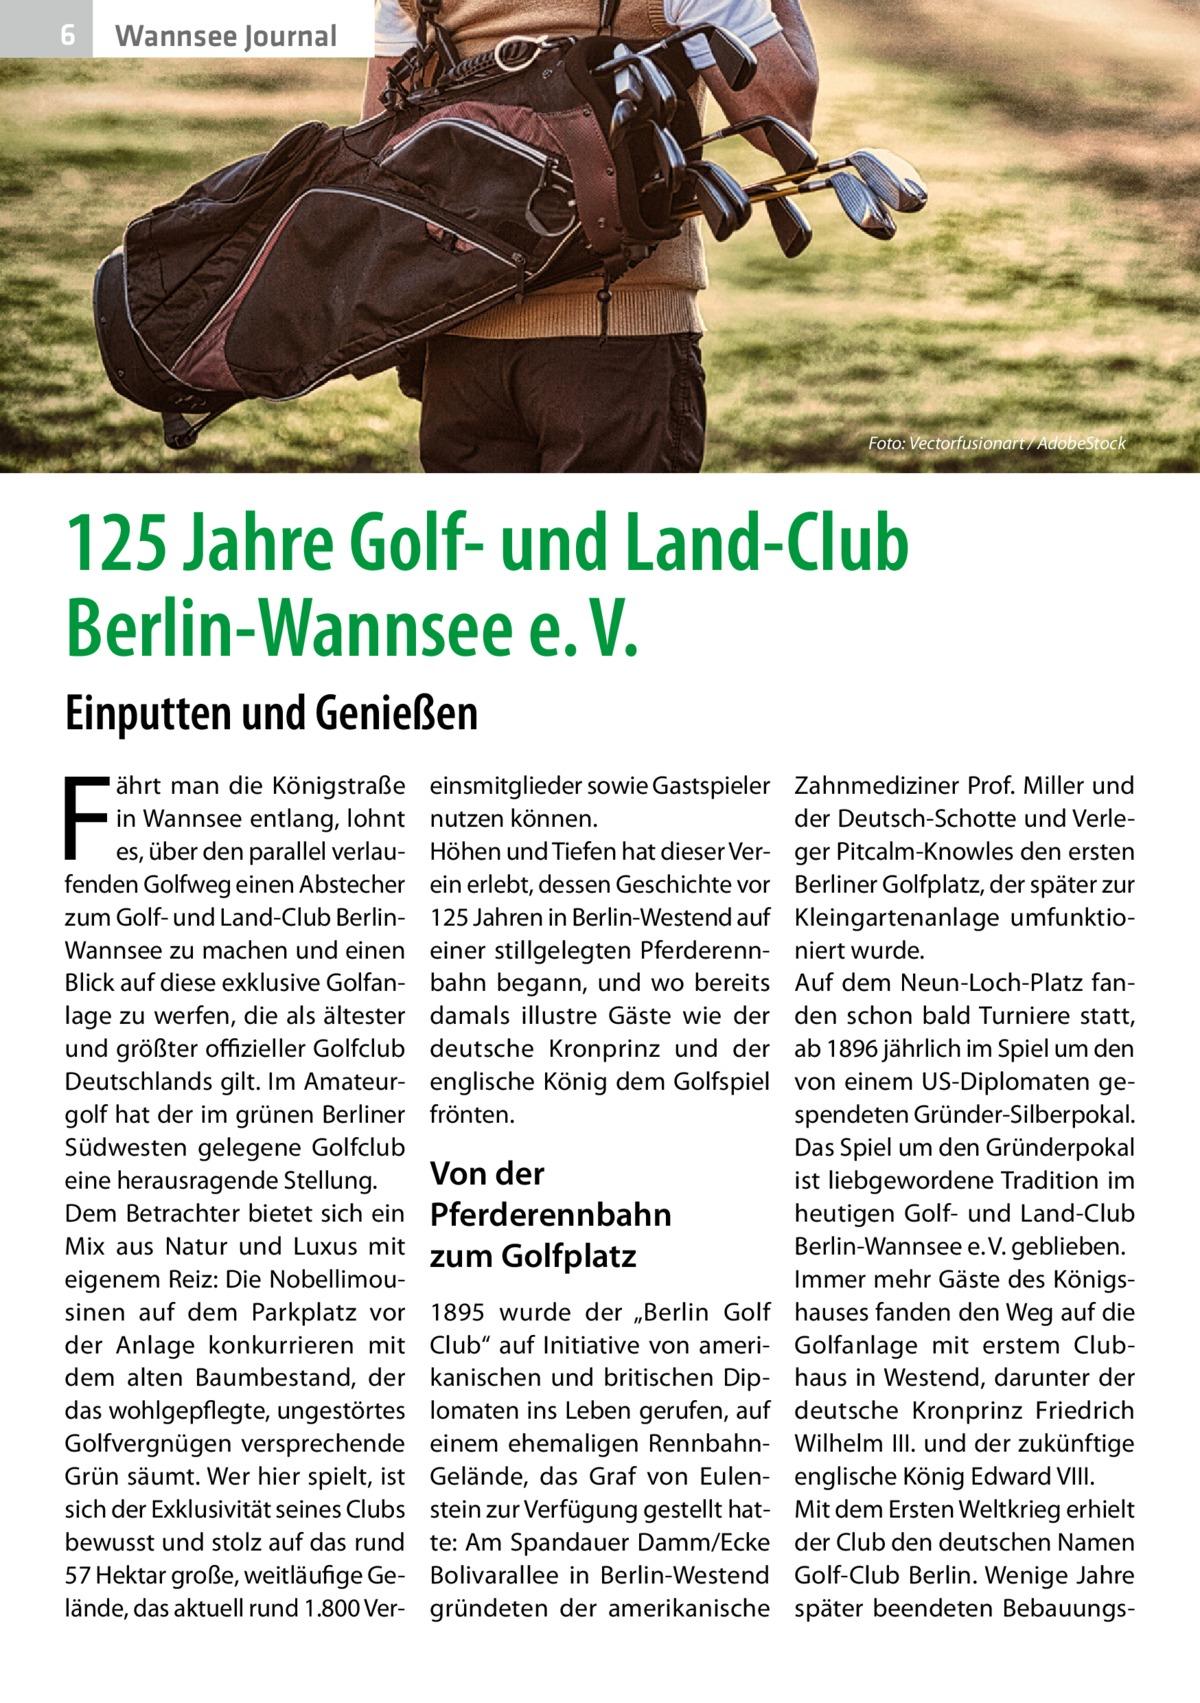 """6  Wannsee Journal  Foto: Vectorfusionart / AdobeStock  125Jahre Golf- und Land-Club Berlin-Wannsee e.V. Einputten und Genießen  F  ährt man die Königstraße in Wannsee entlang, lohnt es, über den parallel verlaufenden Golfweg einen Abstecher zum Golf- und Land-Club BerlinWannsee zu machen und einen Blick auf diese exklusive Golfanlage zu werfen, die als ältester und größter offizieller Golfclub Deutschlands gilt. Im Amateurgolf hat der im grünen Berliner Südwesten gelegene Golfclub eine herausragende Stellung. Dem Betrachter bietet sich ein Mix aus Natur und Luxus mit eigenem Reiz: Die Nobellimousinen auf dem Parkplatz vor der Anlage konkurrieren mit dem alten Baumbestand, der das wohlgepflegte, ungestörtes Golfvergnügen versprechende Grün säumt. Wer hier spielt, ist sich der Exklusivität seines Clubs bewusst und stolz auf das rund 57Hektar große, weitläufige Gelände, das aktuell rund 1.800 Ver einsmitglieder sowie Gastspieler nutzen können. Höhen und Tiefen hat dieser Verein erlebt, dessen Geschichte vor 125Jahren in Berlin-Westend auf einer stillgelegten Pferderennbahn begann, und wo bereits damals illustre Gäste wie der deutsche Kronprinz und der englische König dem Golfspiel frönten.  Von der Pferderennbahn zum Golfplatz 1895 wurde der """"Berlin Golf Club"""" auf Initiative von amerikanischen und britischen Diplomaten ins Leben gerufen, auf einem ehemaligen RennbahnGelände, das Graf von Eulenstein zur Verfügung gestellt hatte: Am Spandauer Damm/Ecke Bolivarallee in Berlin-Westend gründeten der amerikanische  Zahnmediziner Prof.Miller und der Deutsch-Schotte und Verleger Pitcalm-Knowles den ersten Berliner Golfplatz, der später zur Kleingartenanlage umfunktioniert wurde. Auf dem Neun-Loch-Platz fanden schon bald Turniere statt, ab 1896 jährlich im Spiel um den von einem US-Diplomaten gespendeten Gründer-Silberpokal. Das Spiel um den Gründerpokal ist liebgewordene Tradition im heutigen Golf- und Land-Club Berlin-Wannsee e.V. geblieben. Immer mehr Gäste des Königshauses"""